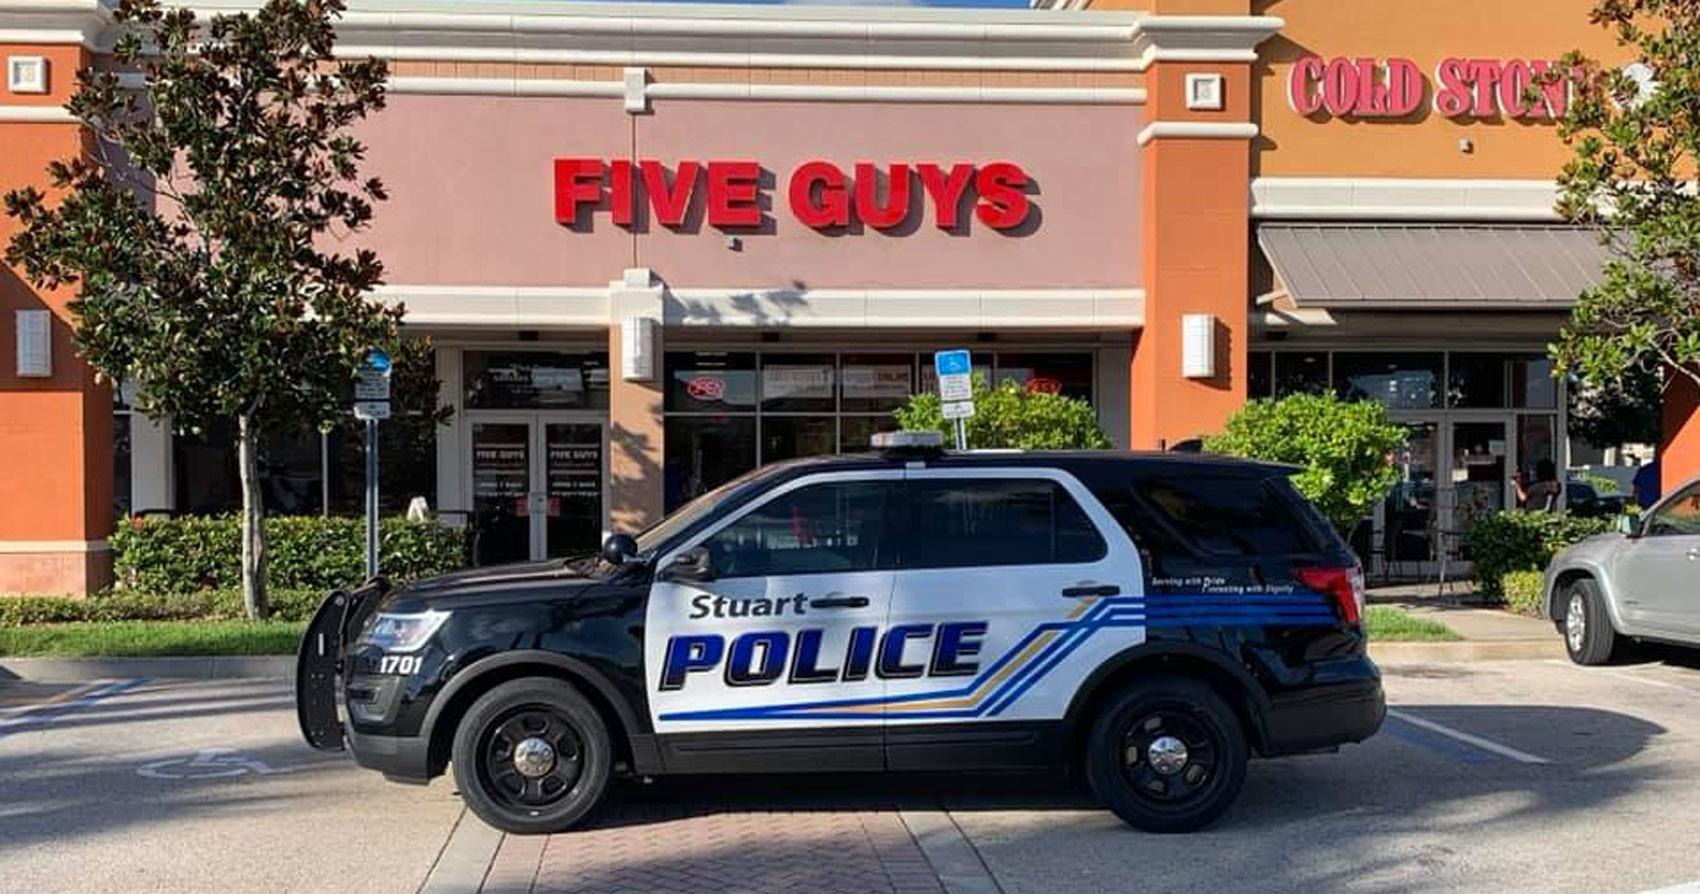 Cinco homens são presos em lanchonete da rede 'Five Guys' na Flórida - Notícias - Plantão Diário